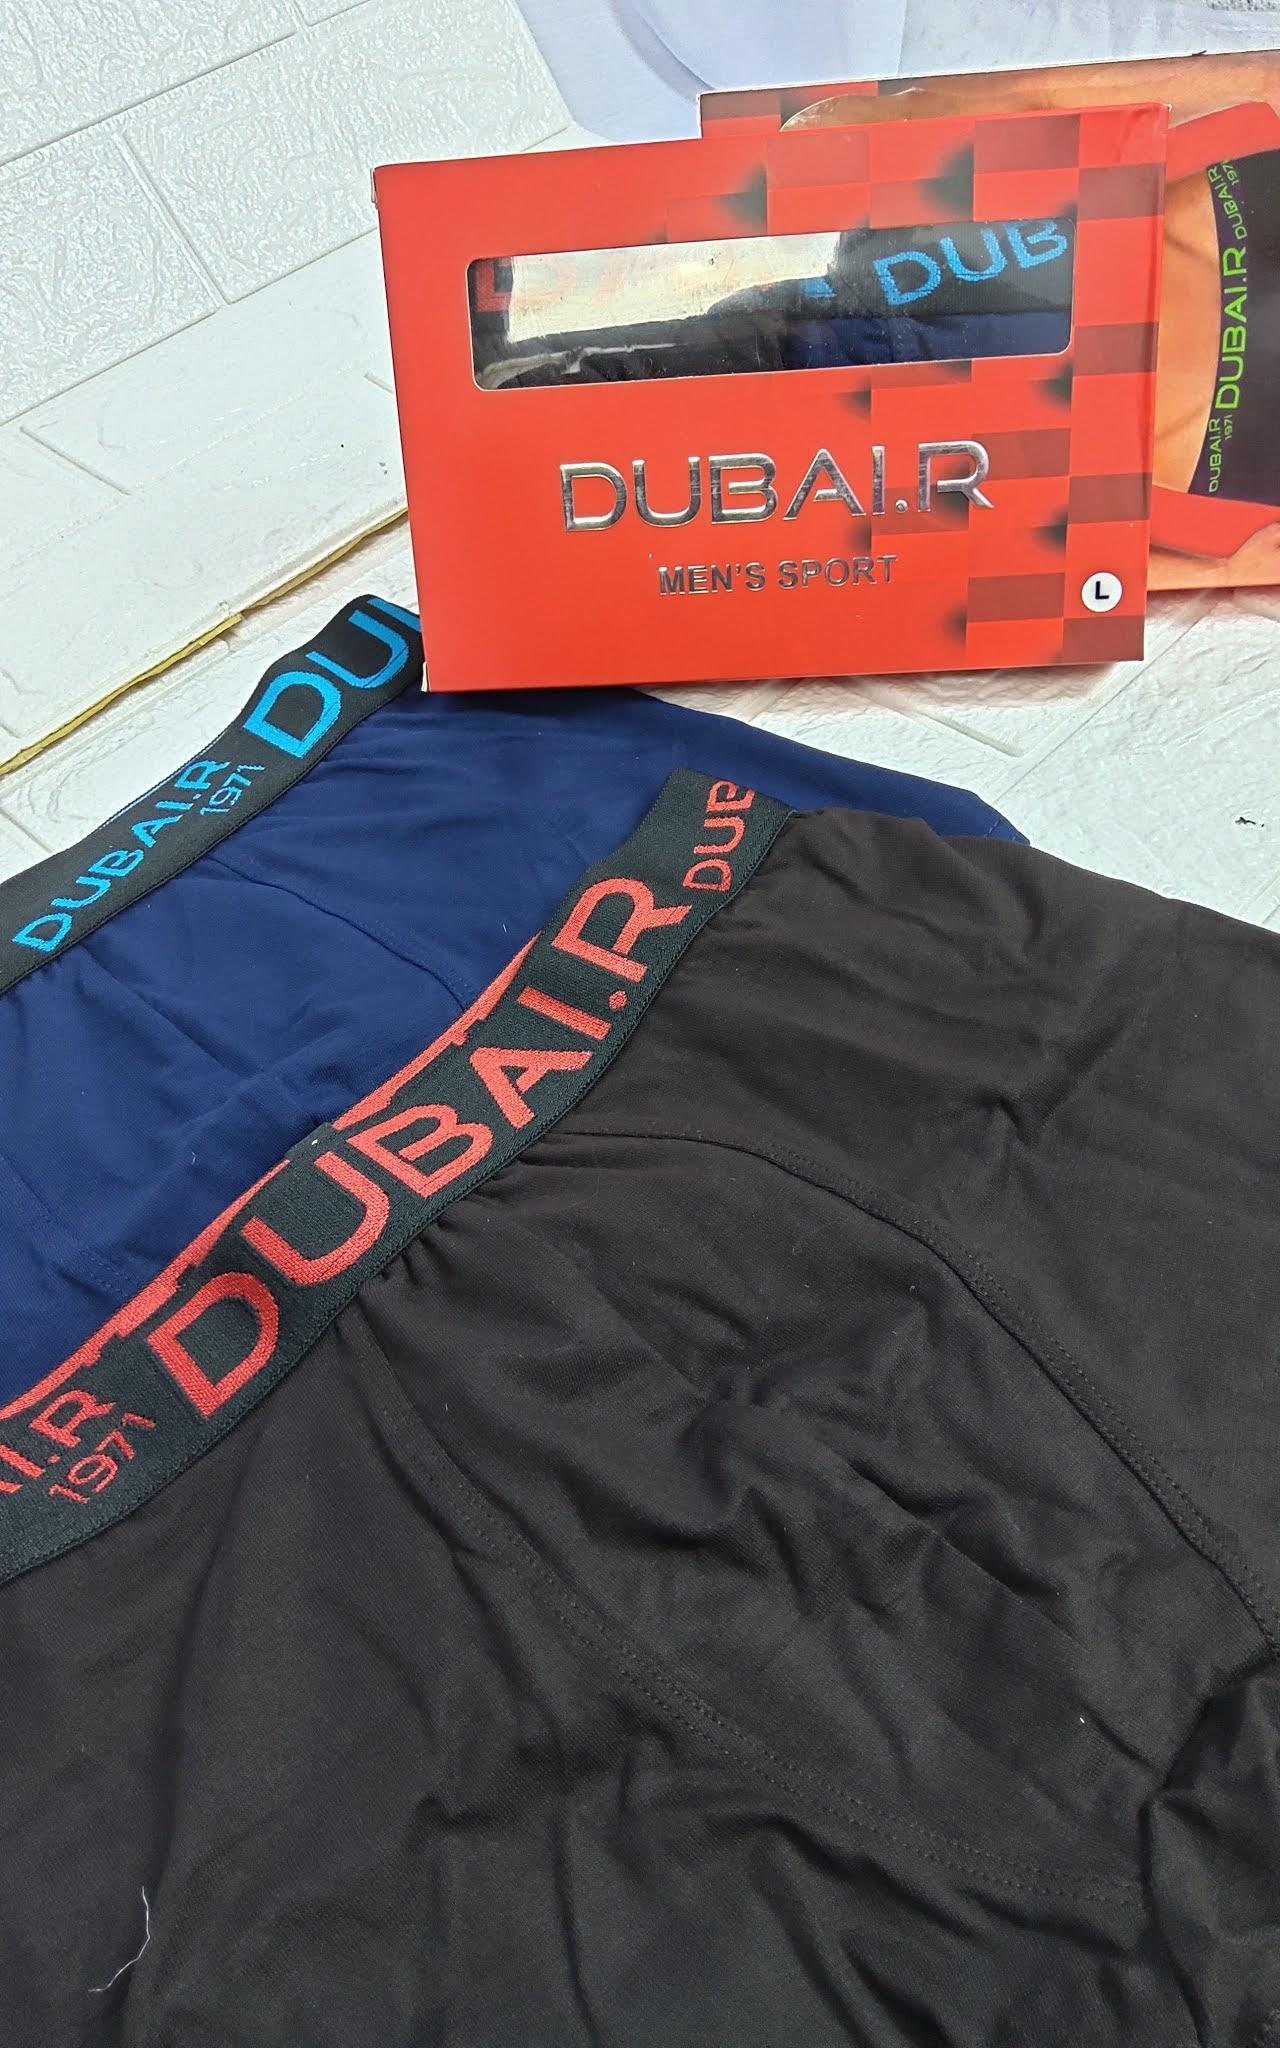 BOXER DUBAI.R (DS 02-09) (CDL020)